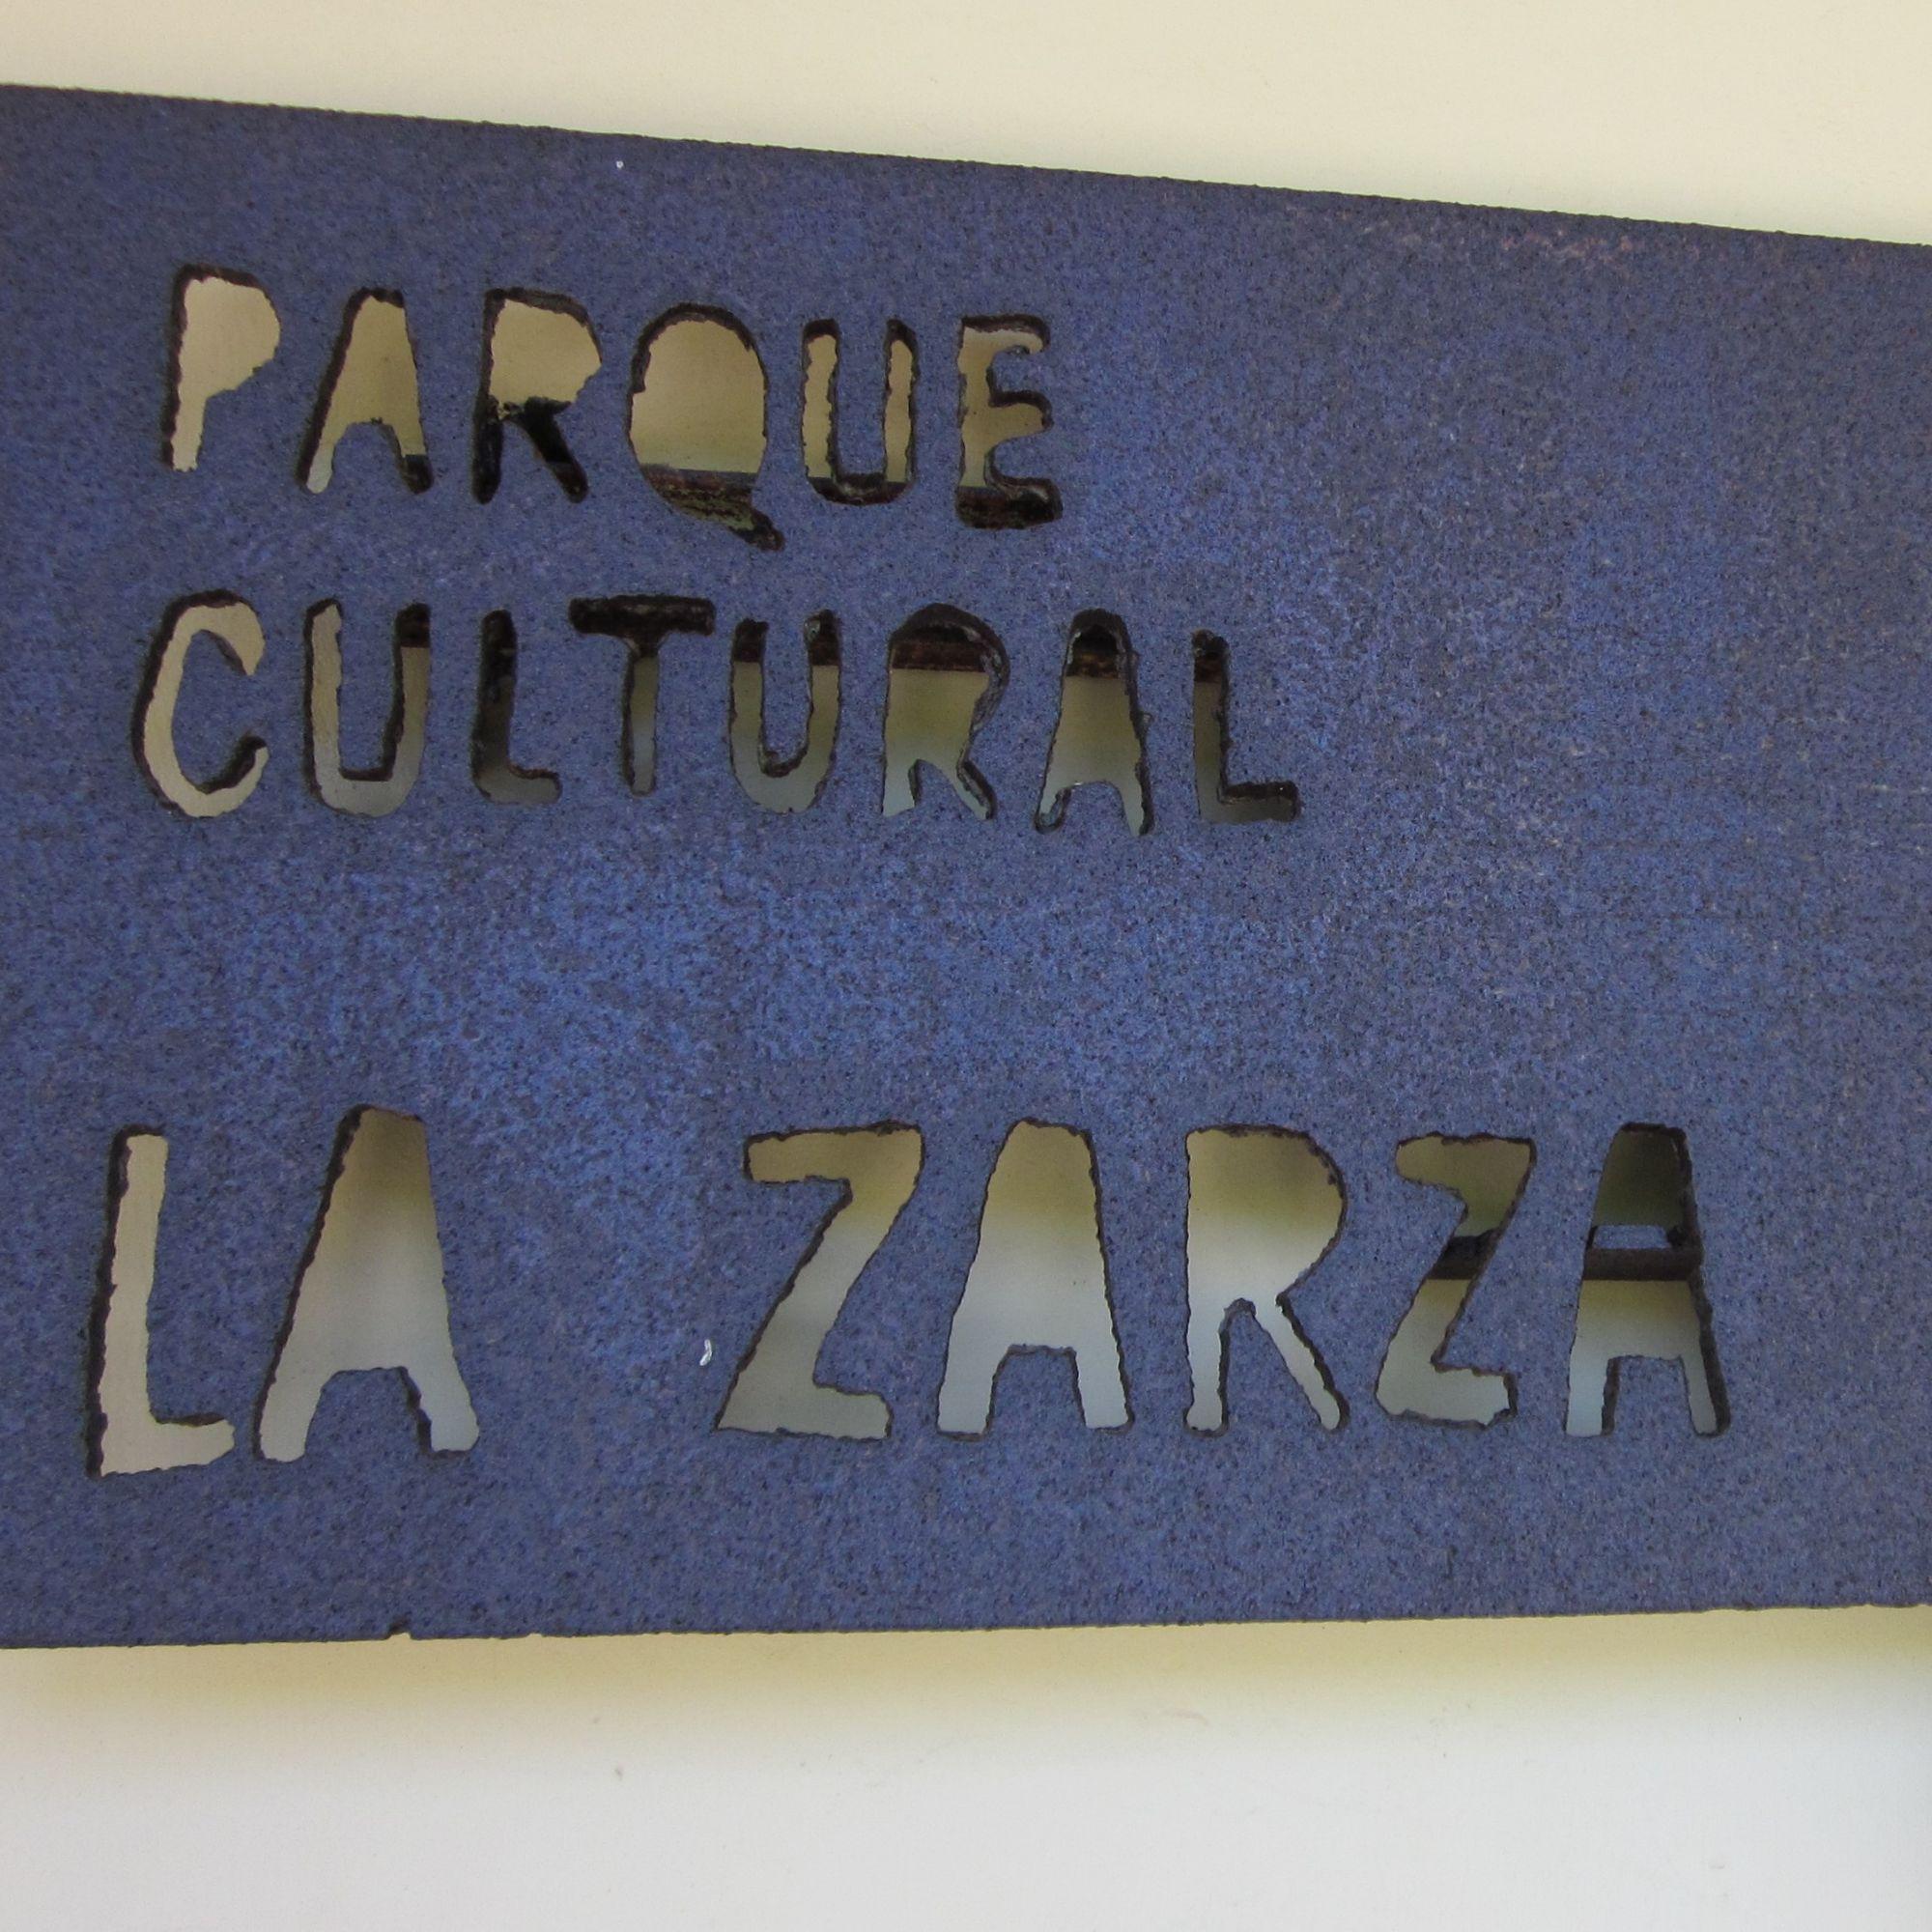 la zarza parque cultural garafia isla de la palma canarias canary islands